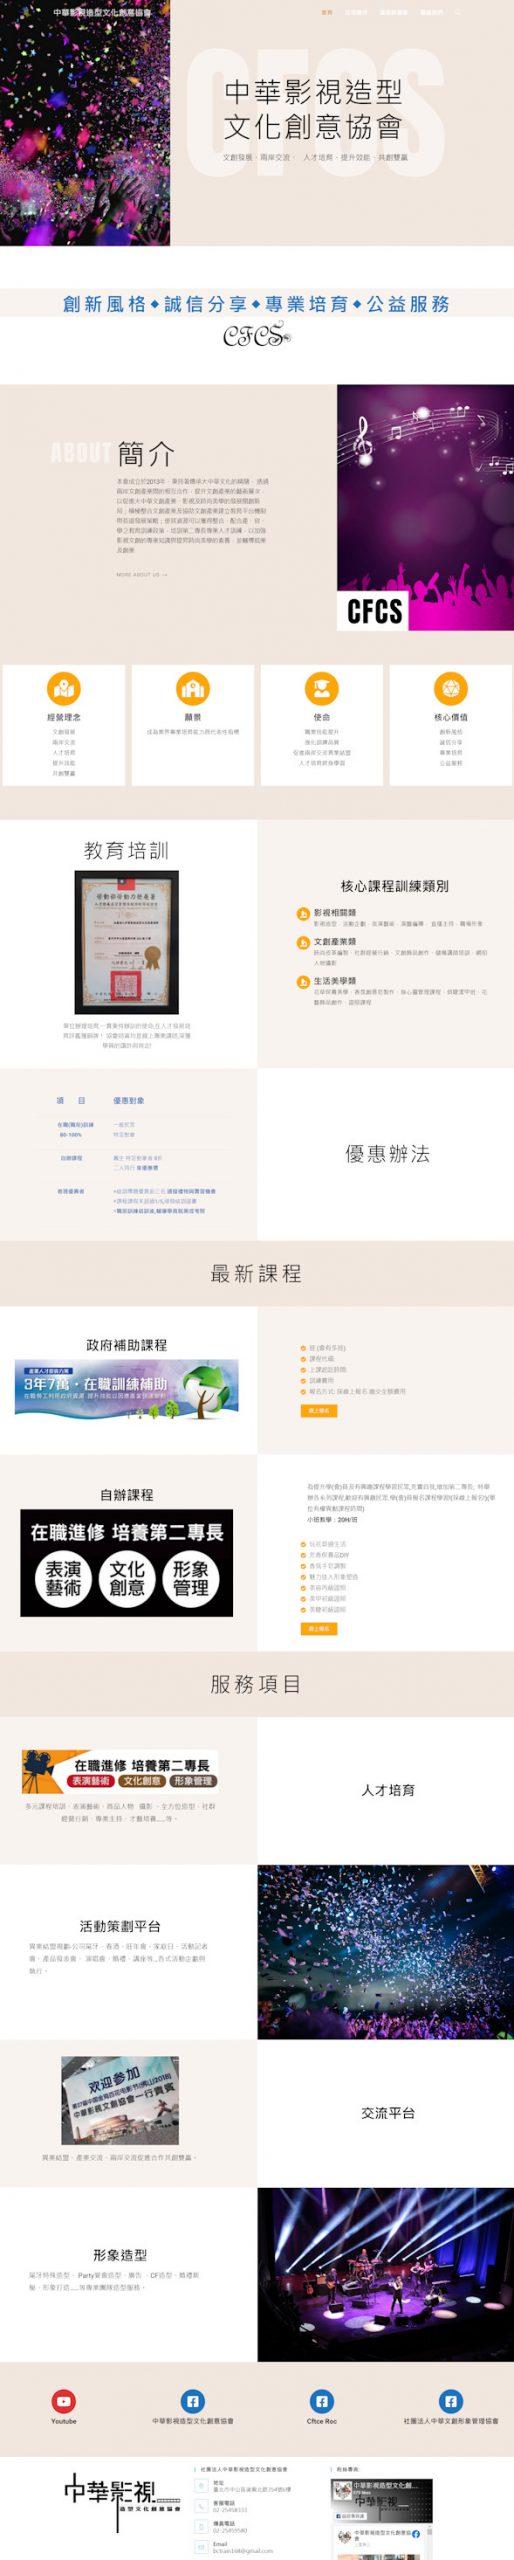 網頁設計-造型文創協會2